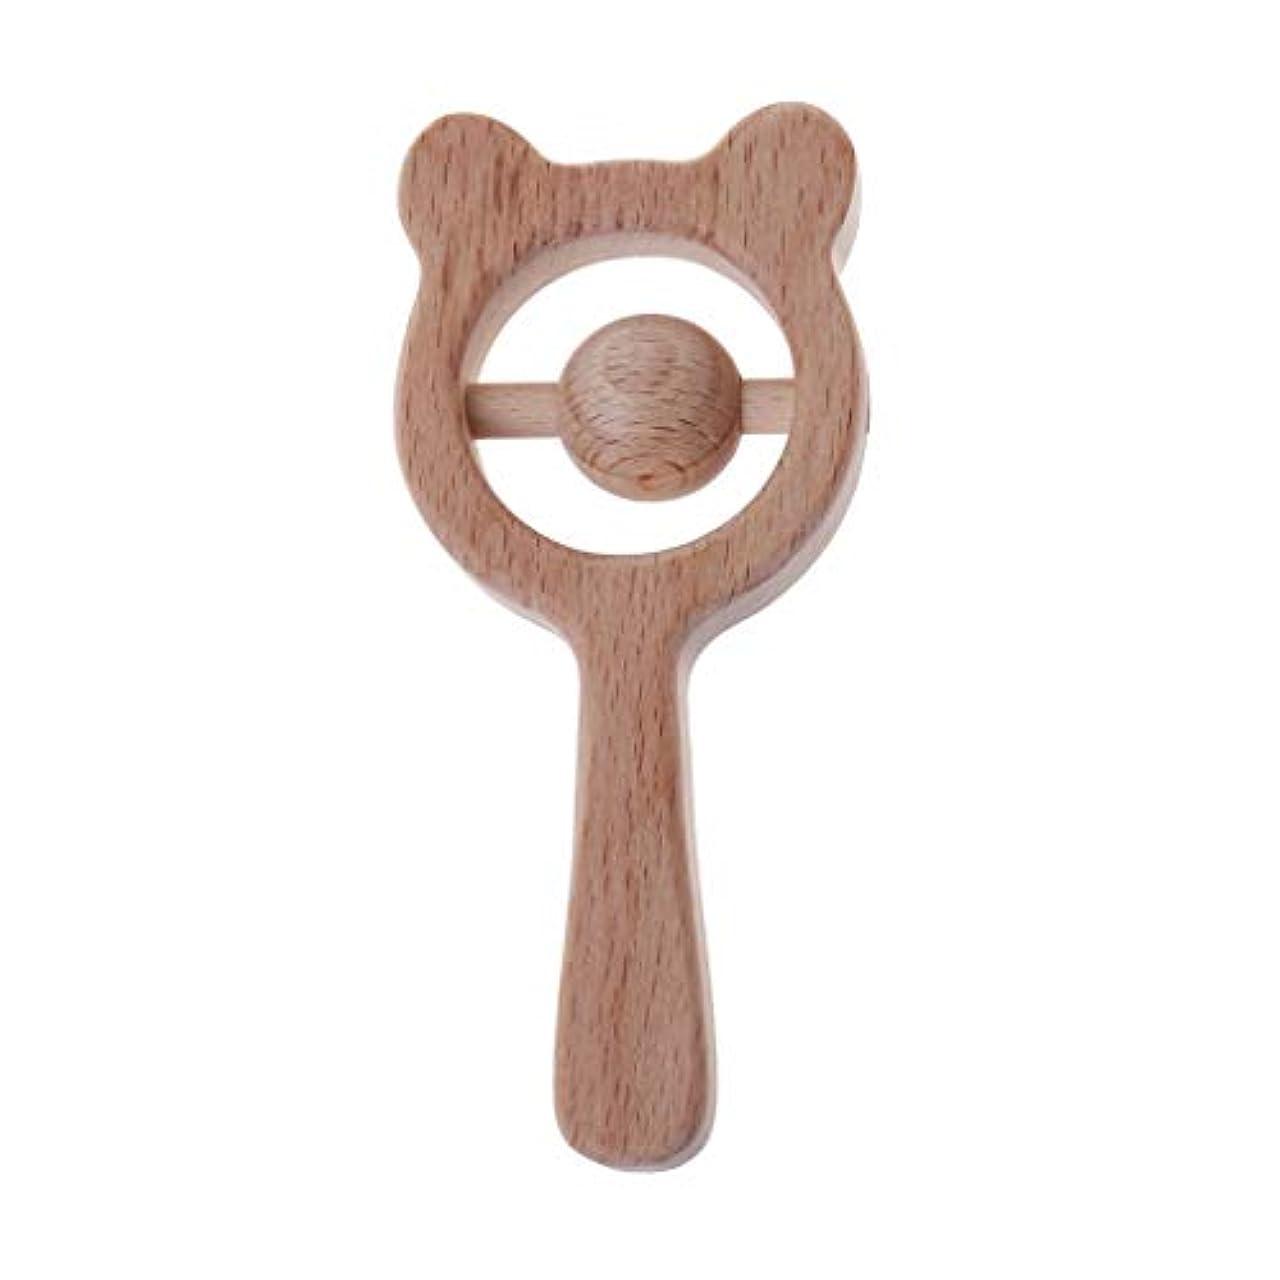 どう?温室アンケートランドウッドティーザーベイビーベアーティーザーガラガラベビー授乳玩具かむ玩具歯が生えるガラガラおもちゃ